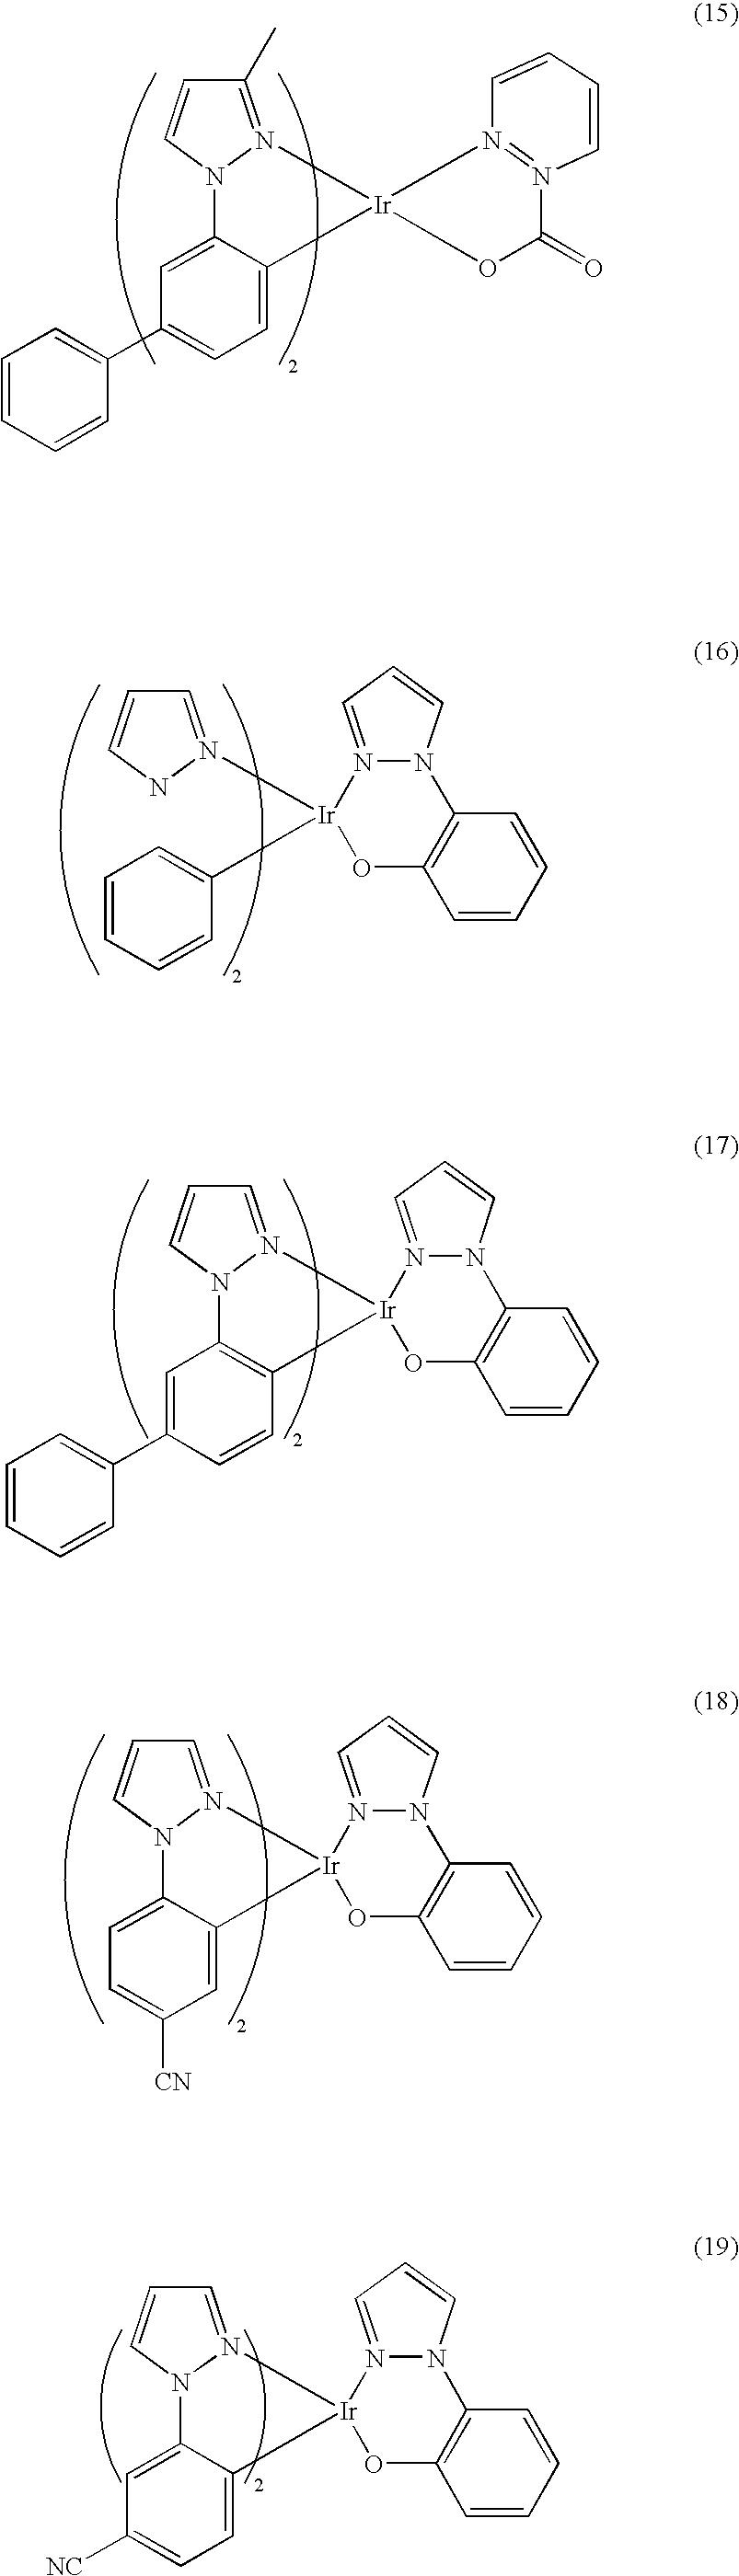 Figure US20050031903A1-20050210-C00014